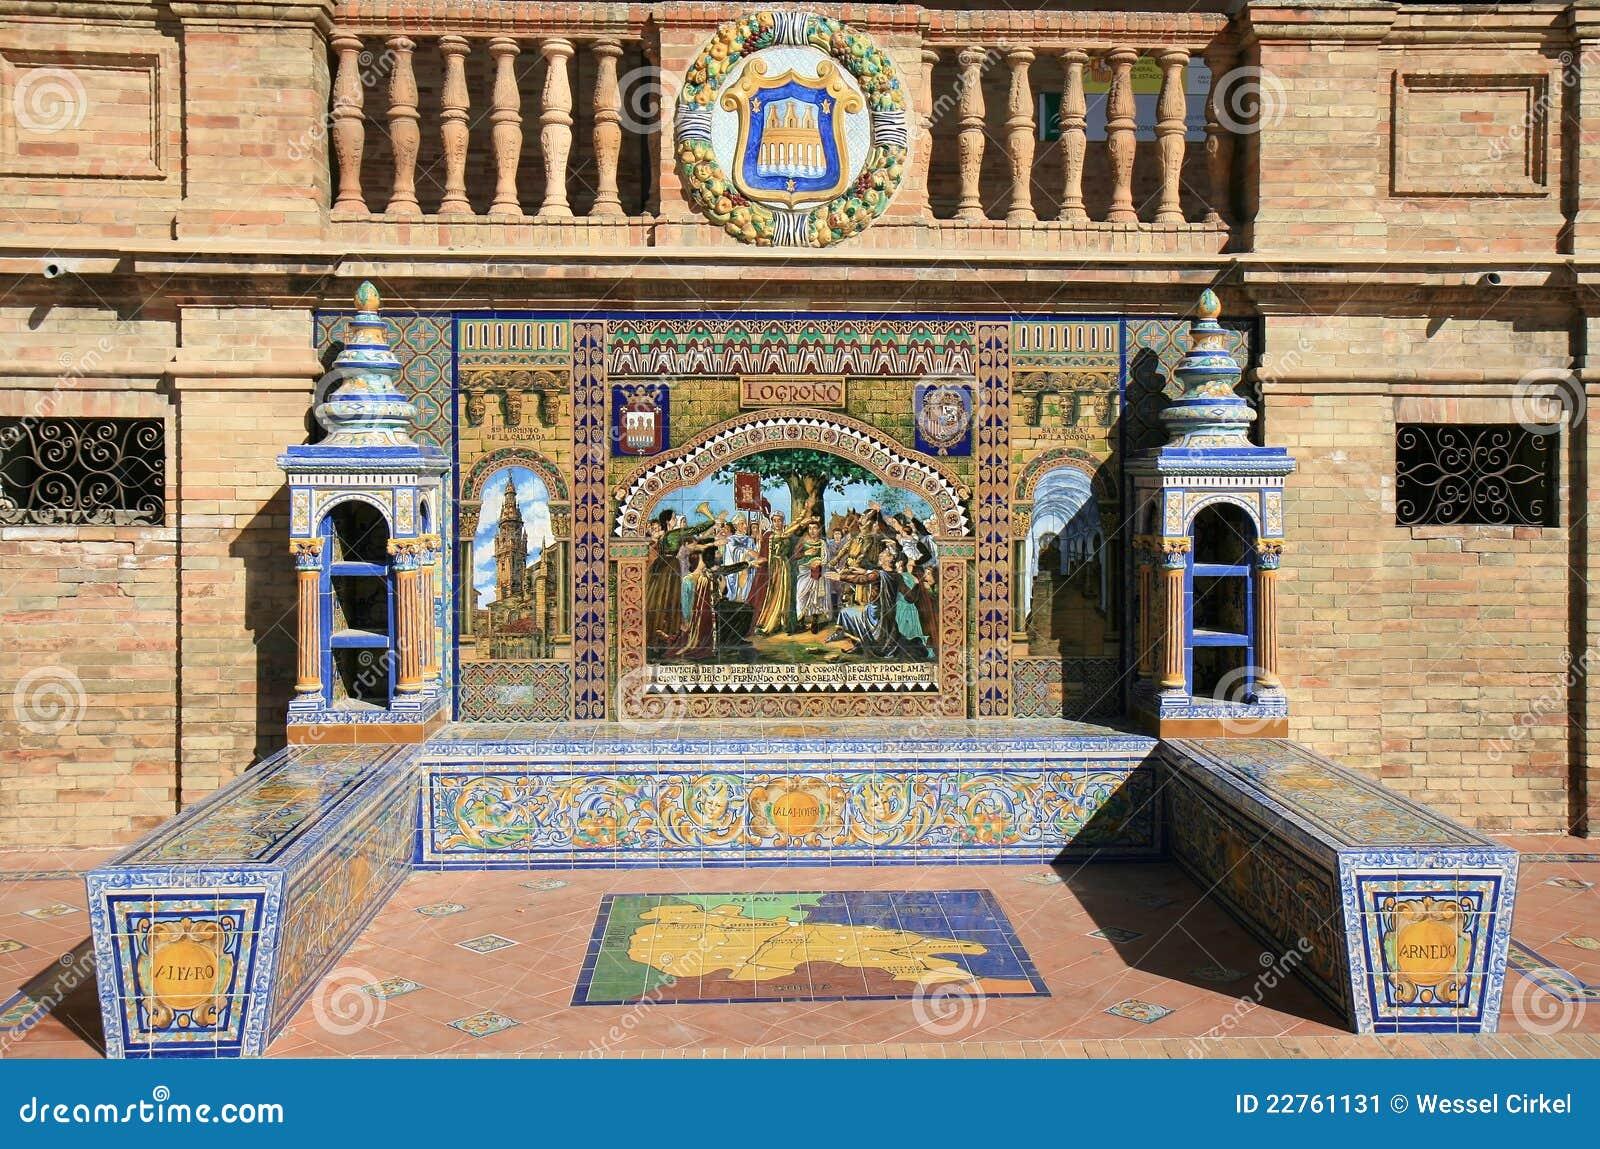 Alkov de espana plaza seville belade med tegel spain